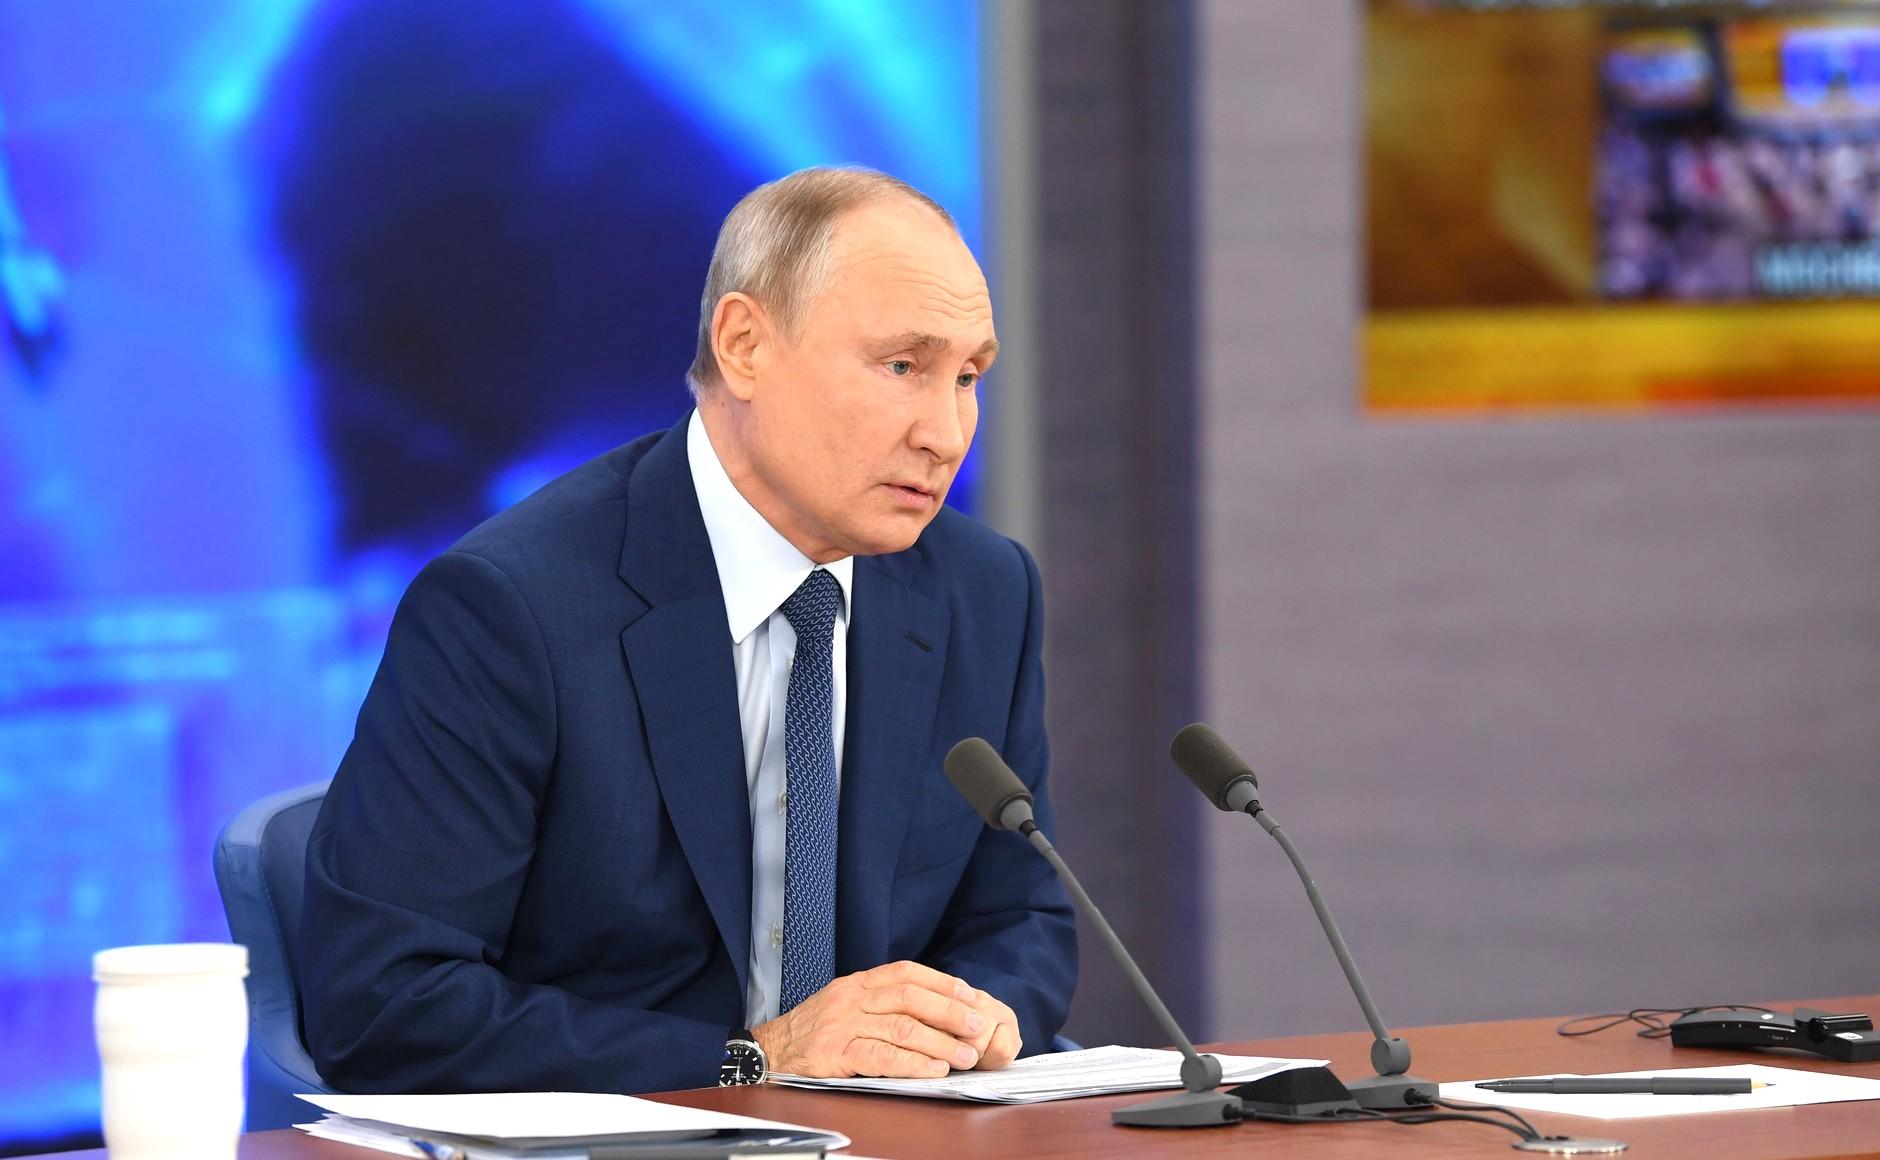 RUSSIE 17.12.2020.CONFERENCE 15 XX 66 Avant le début de la conférence de presse annuelle de Vladimir Poutine.